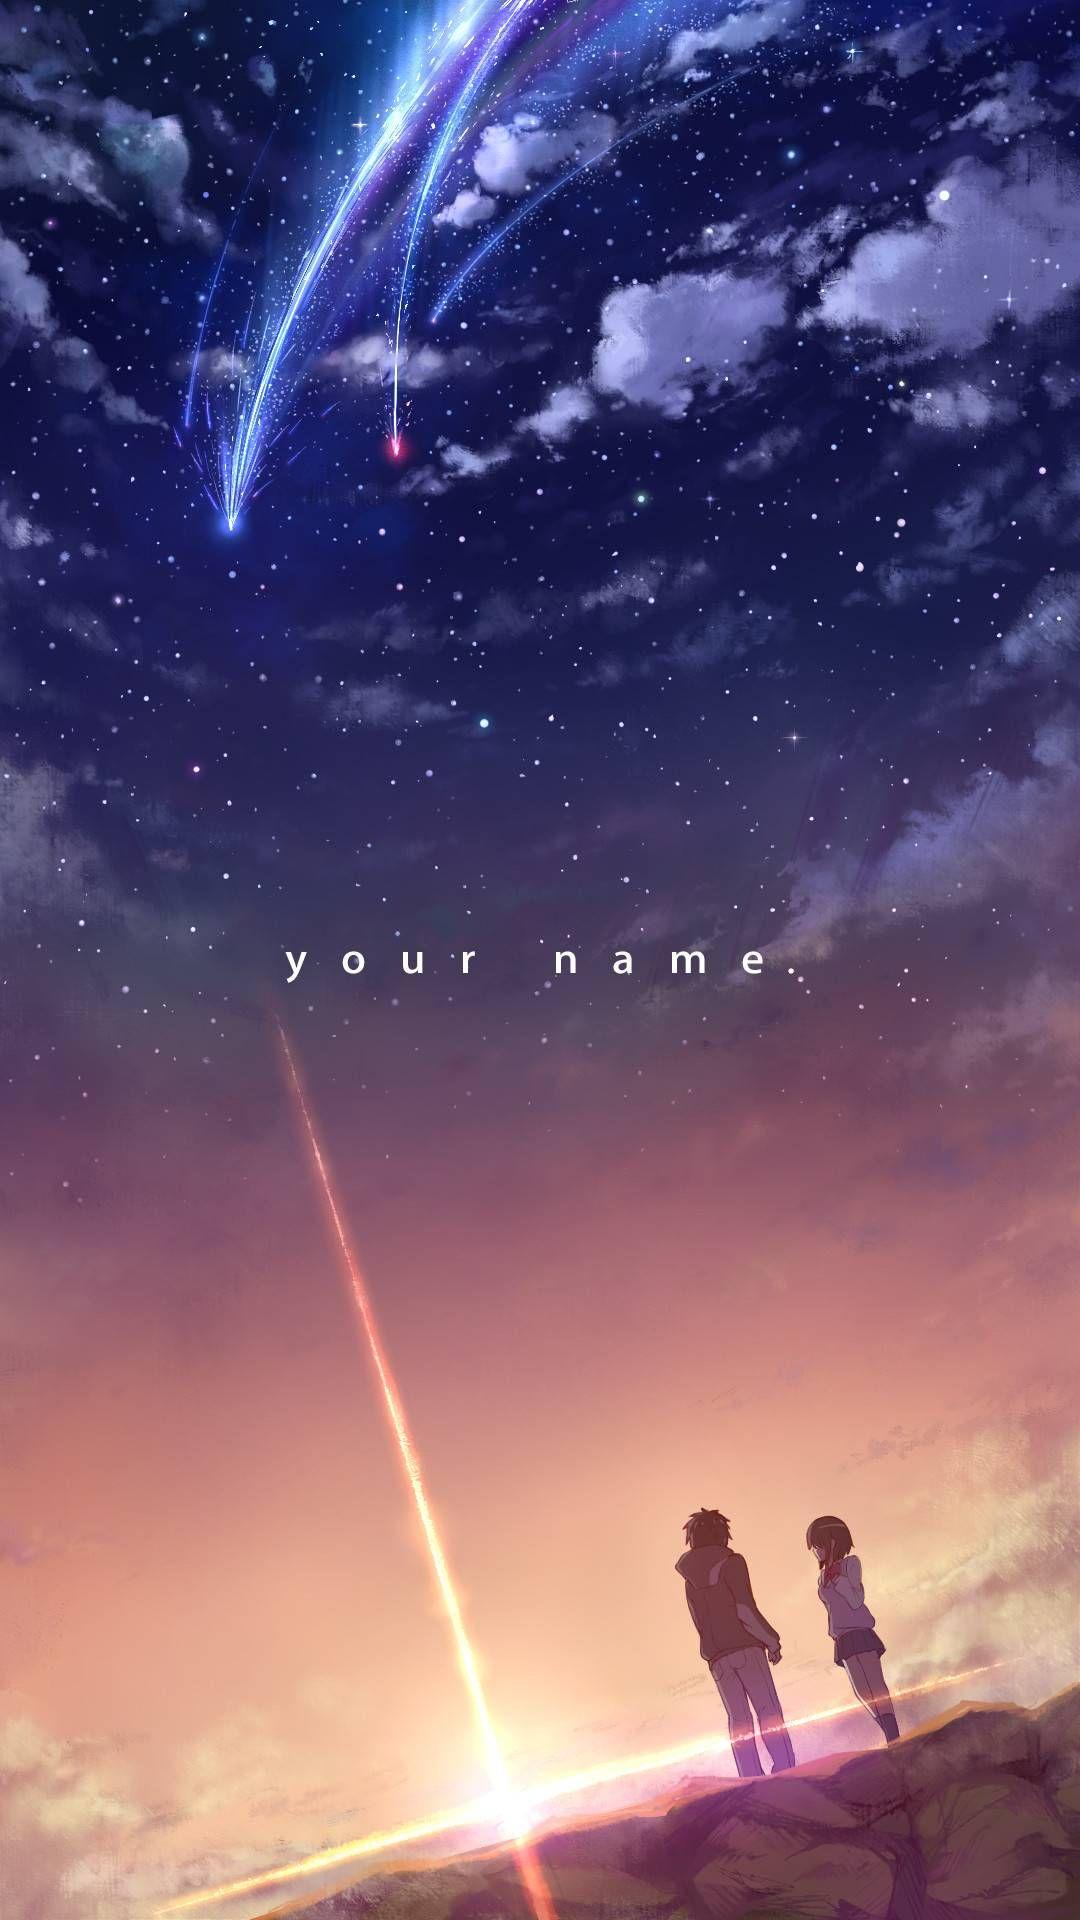 Iphone 12 pro, iphone 12 mini, iphone 12 pro max, iphone 11,. Your Name/Kimi no na wa | Kimi no na wa wallpaper, Your ...